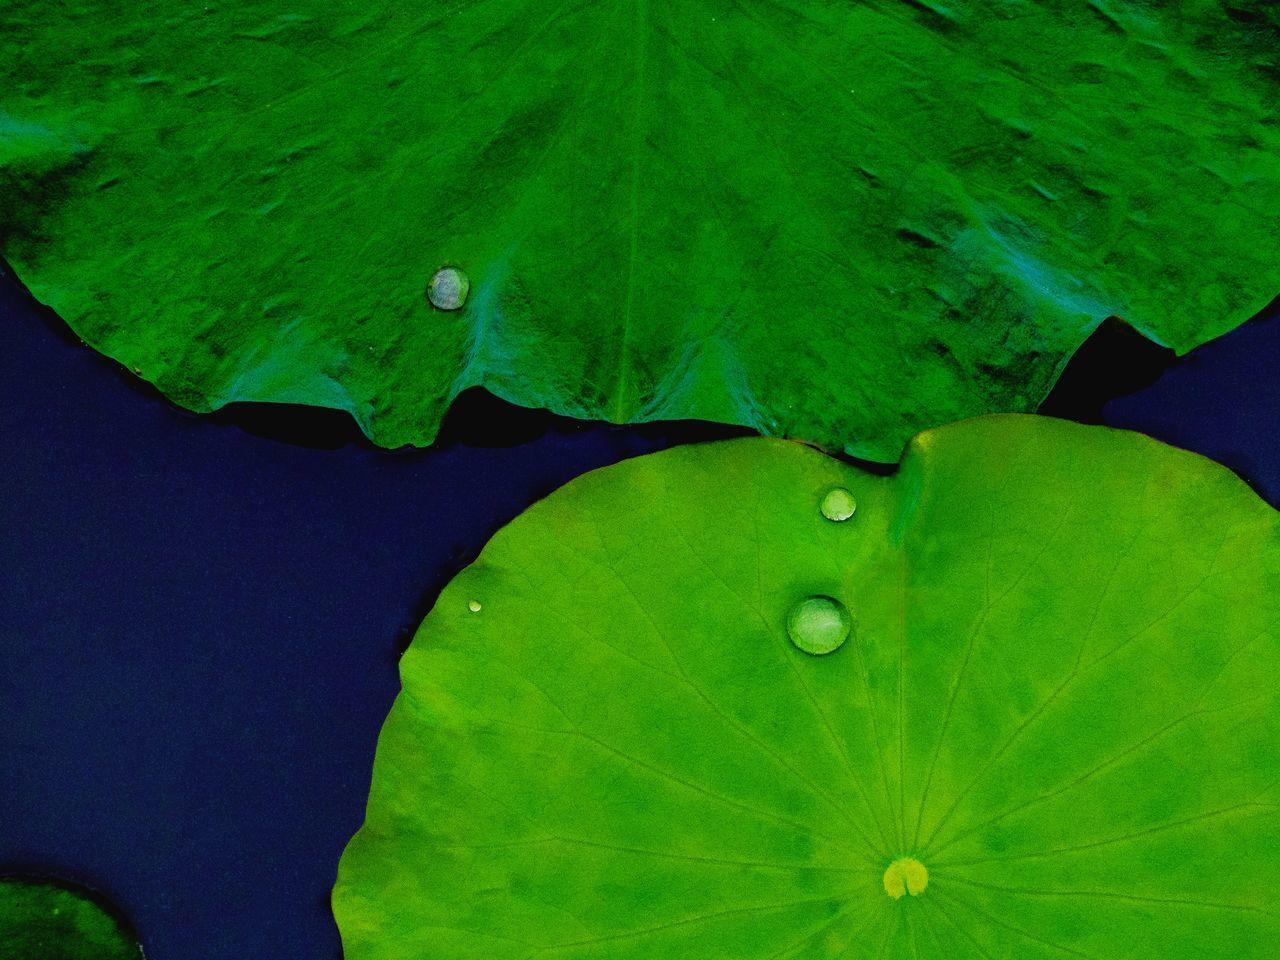 Lotus Leaves Floating On Pond